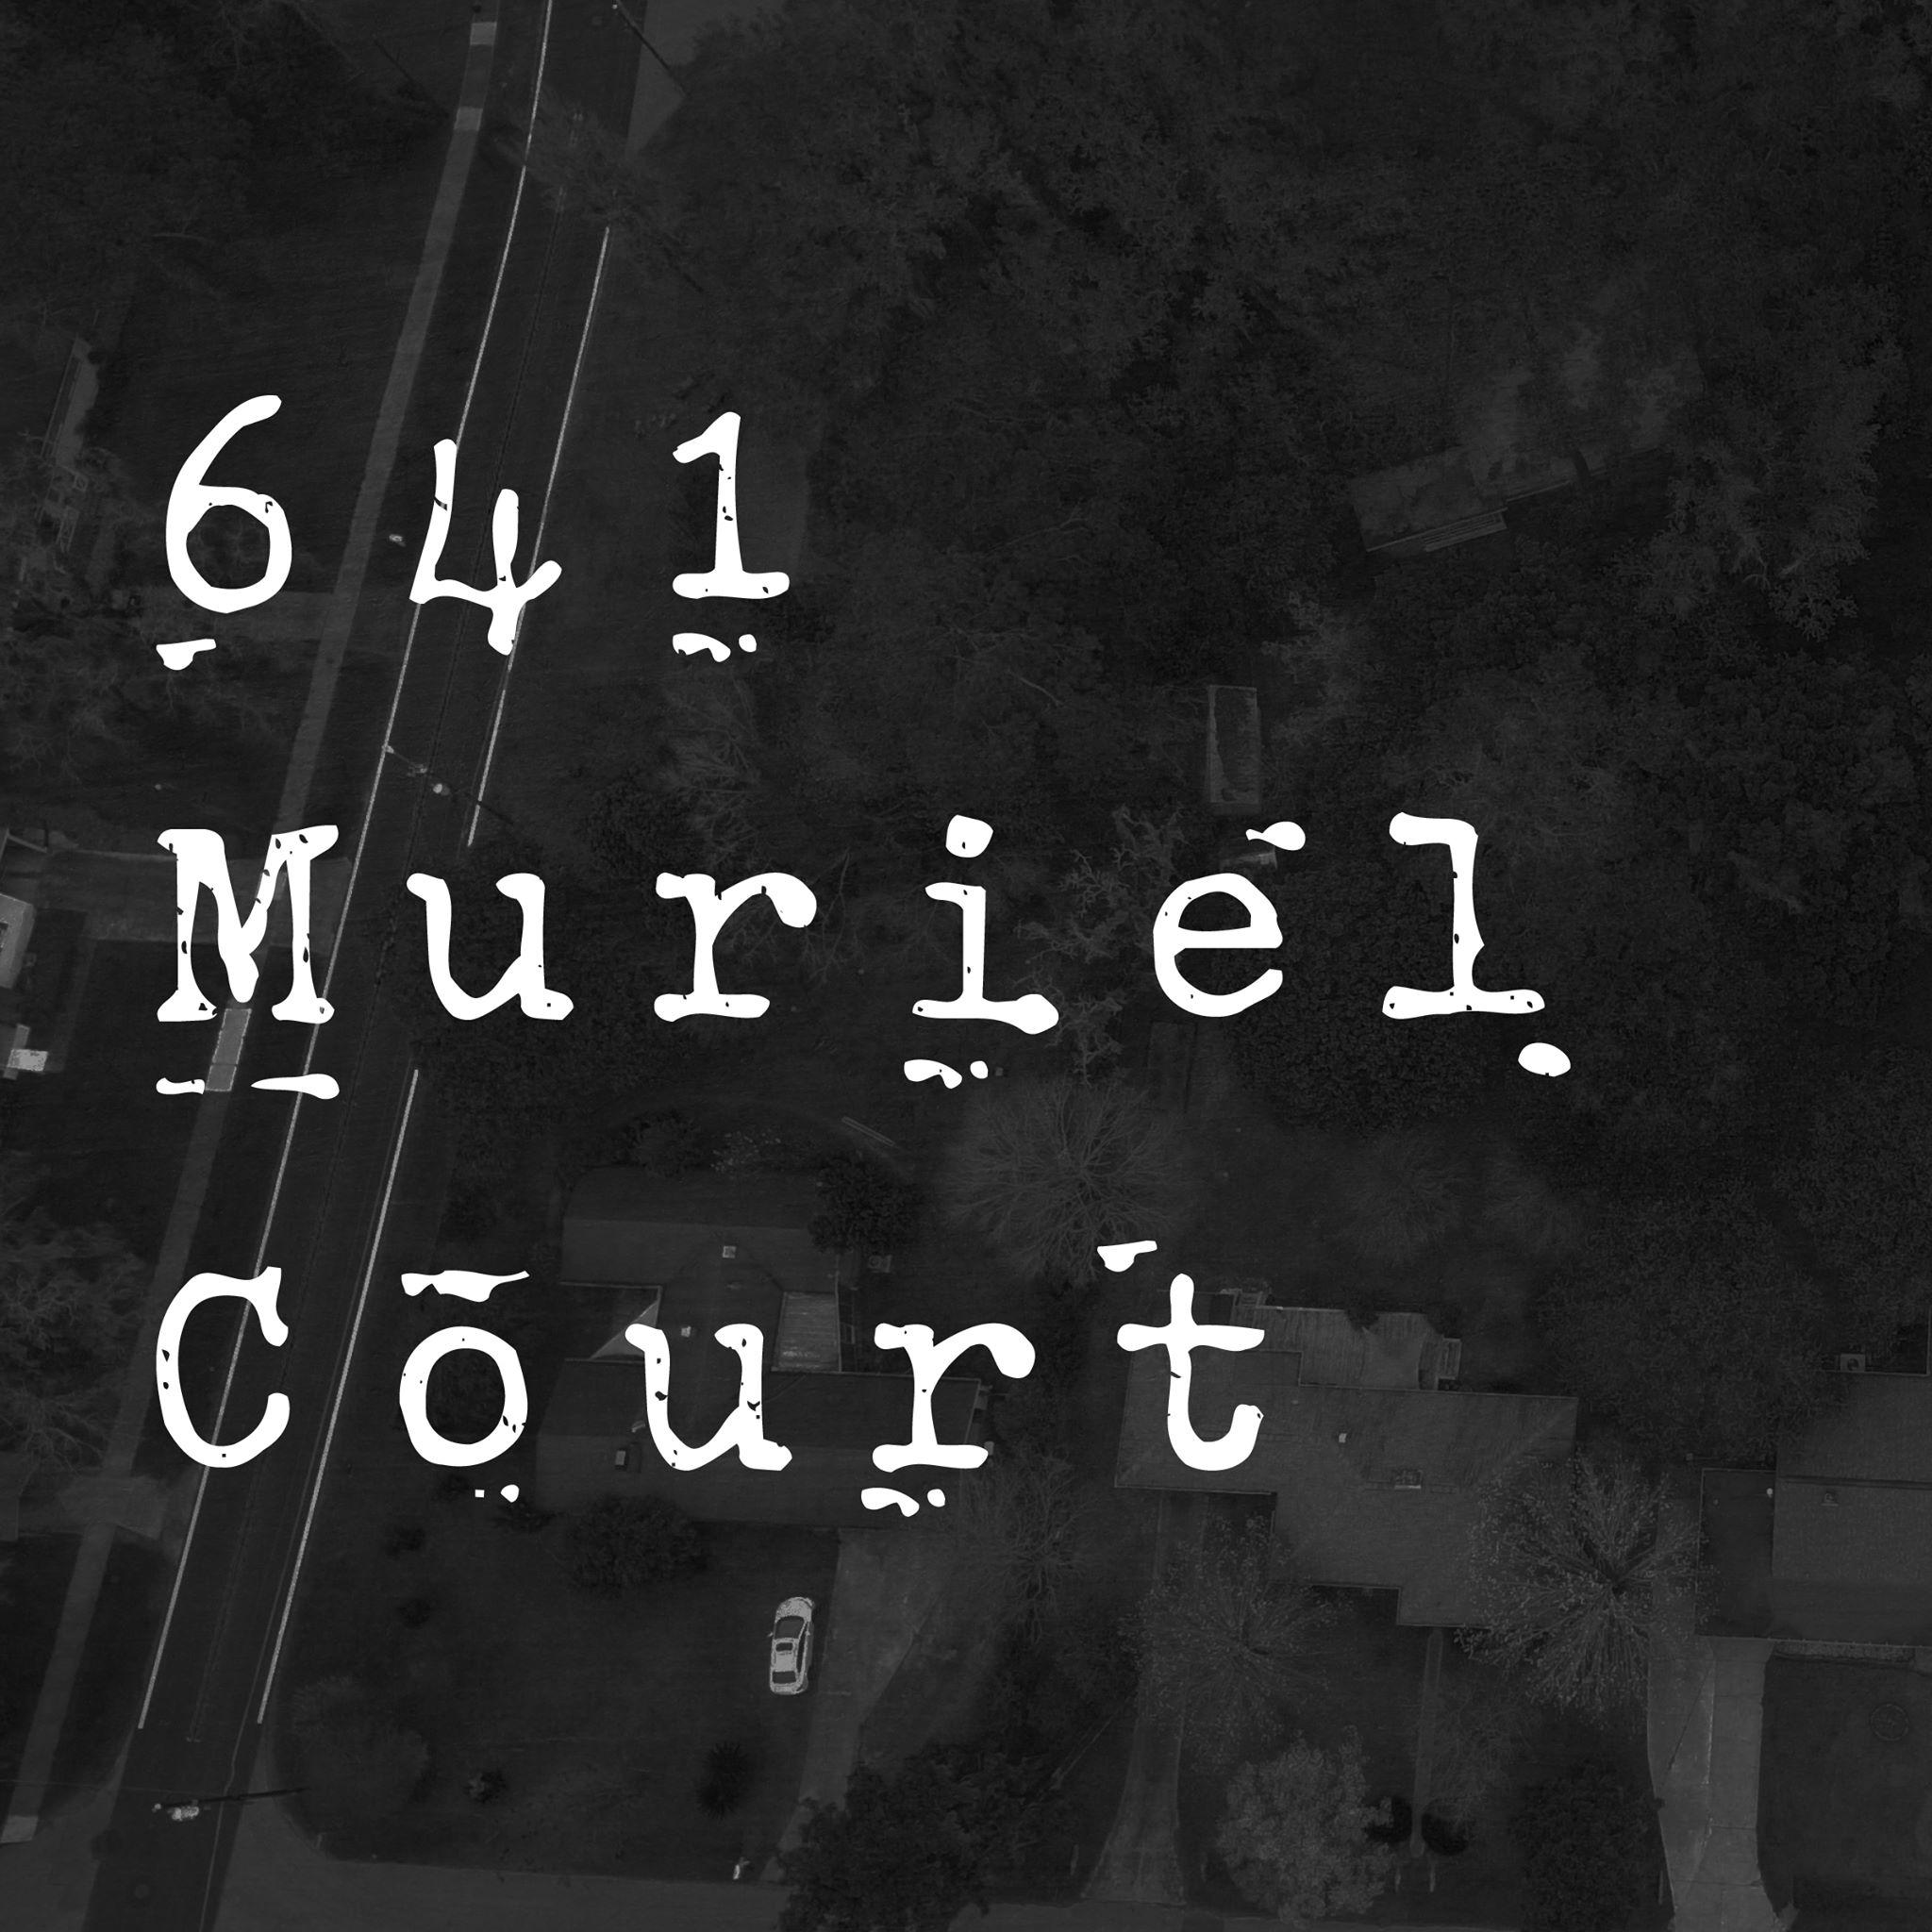 641-muriel-court